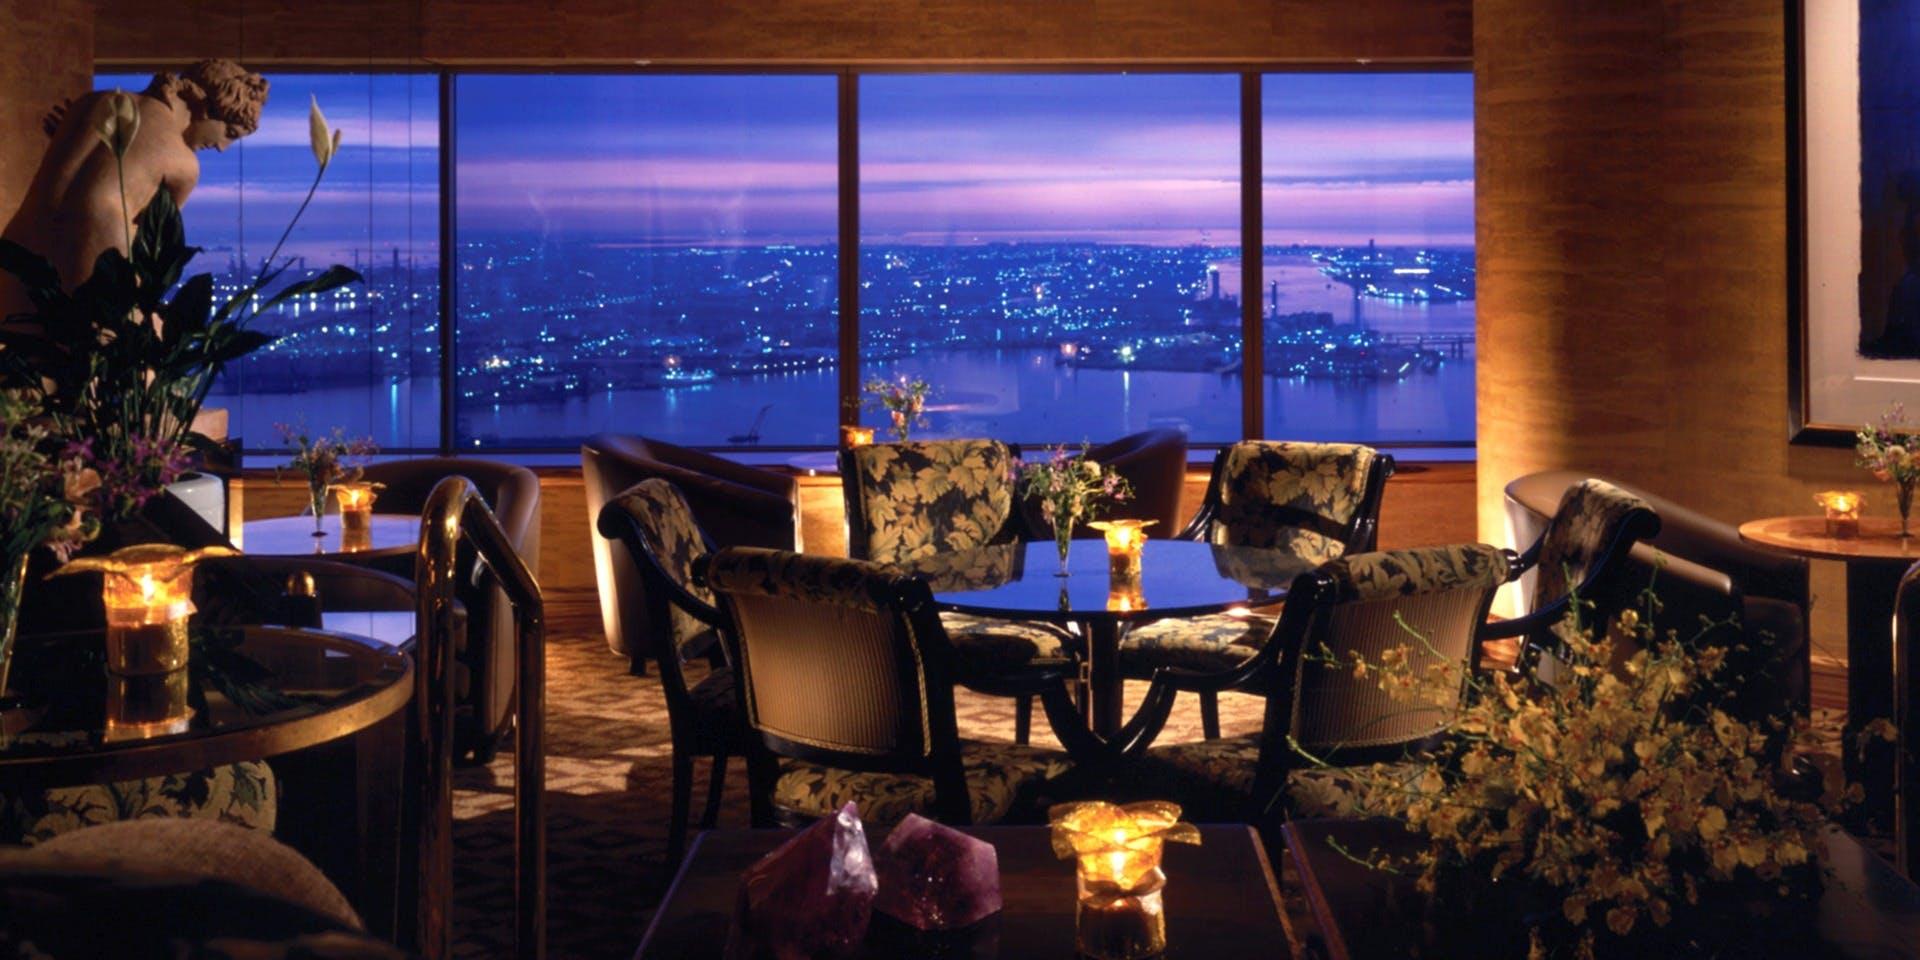 記念日におすすめのレストラン・シリウス/横浜ロイヤルパークホテル 70階の写真1